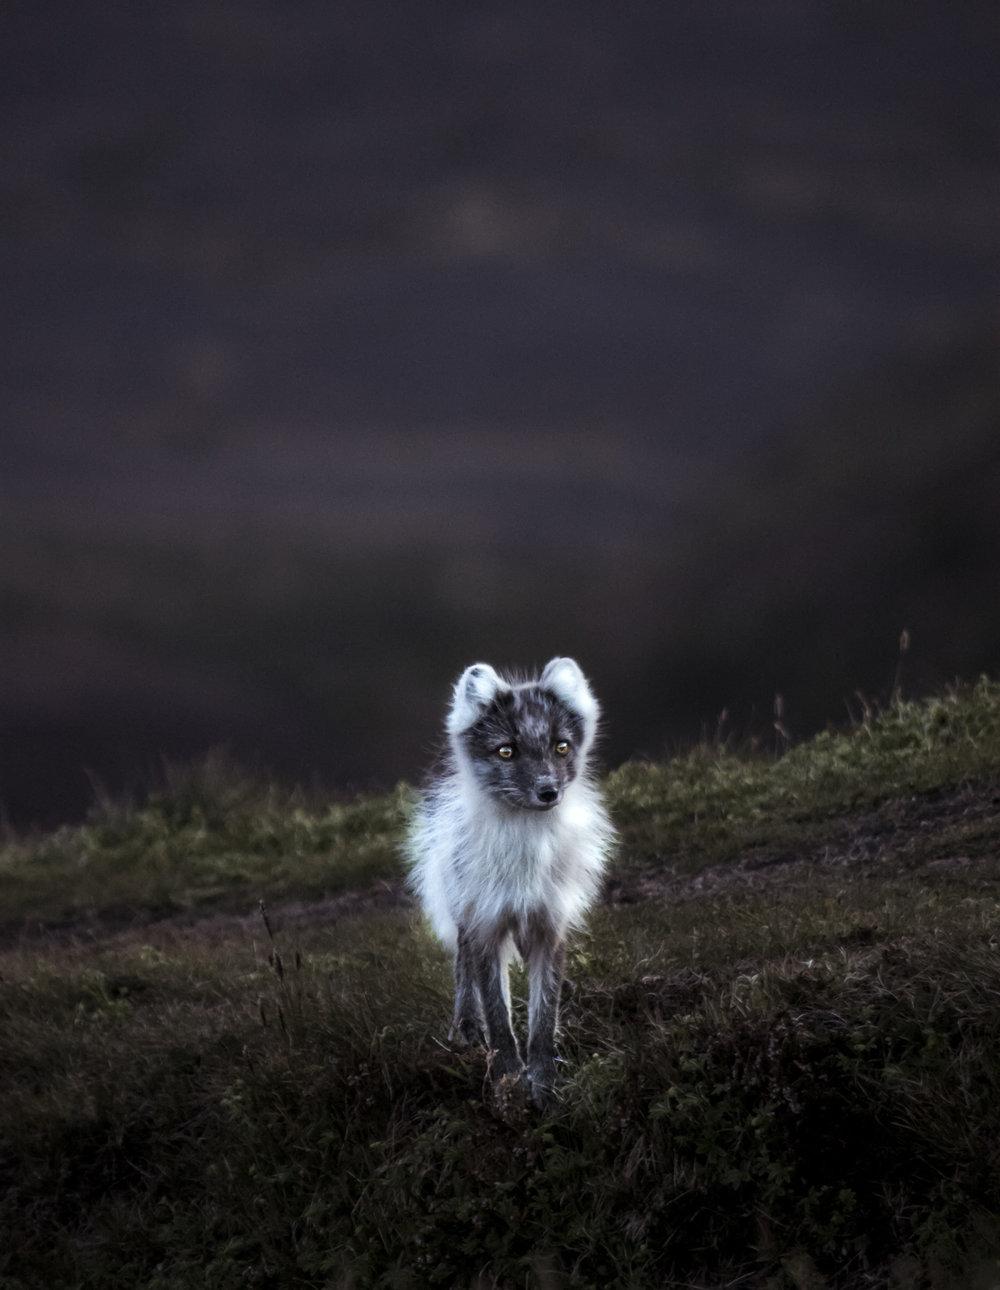 foxy-4930.jpg